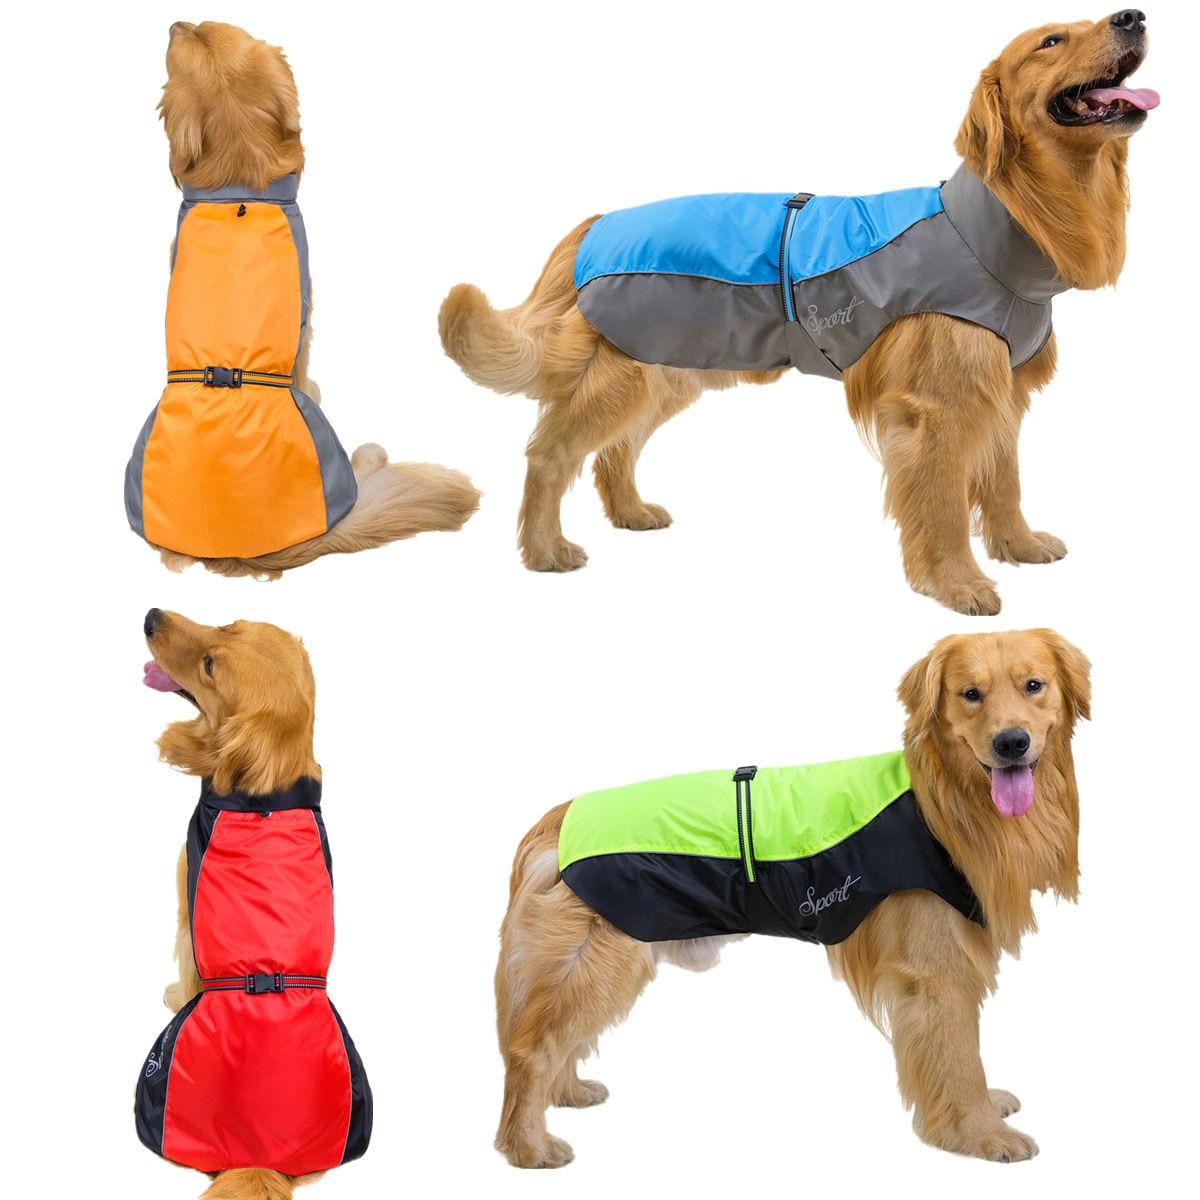 New Pet Dog Rain Coat Waterproof Jackets Breathable Assault Raincoat For Big Dogs Cats Apparel Clothes Pet Supplies 7XL 8XL 9XL